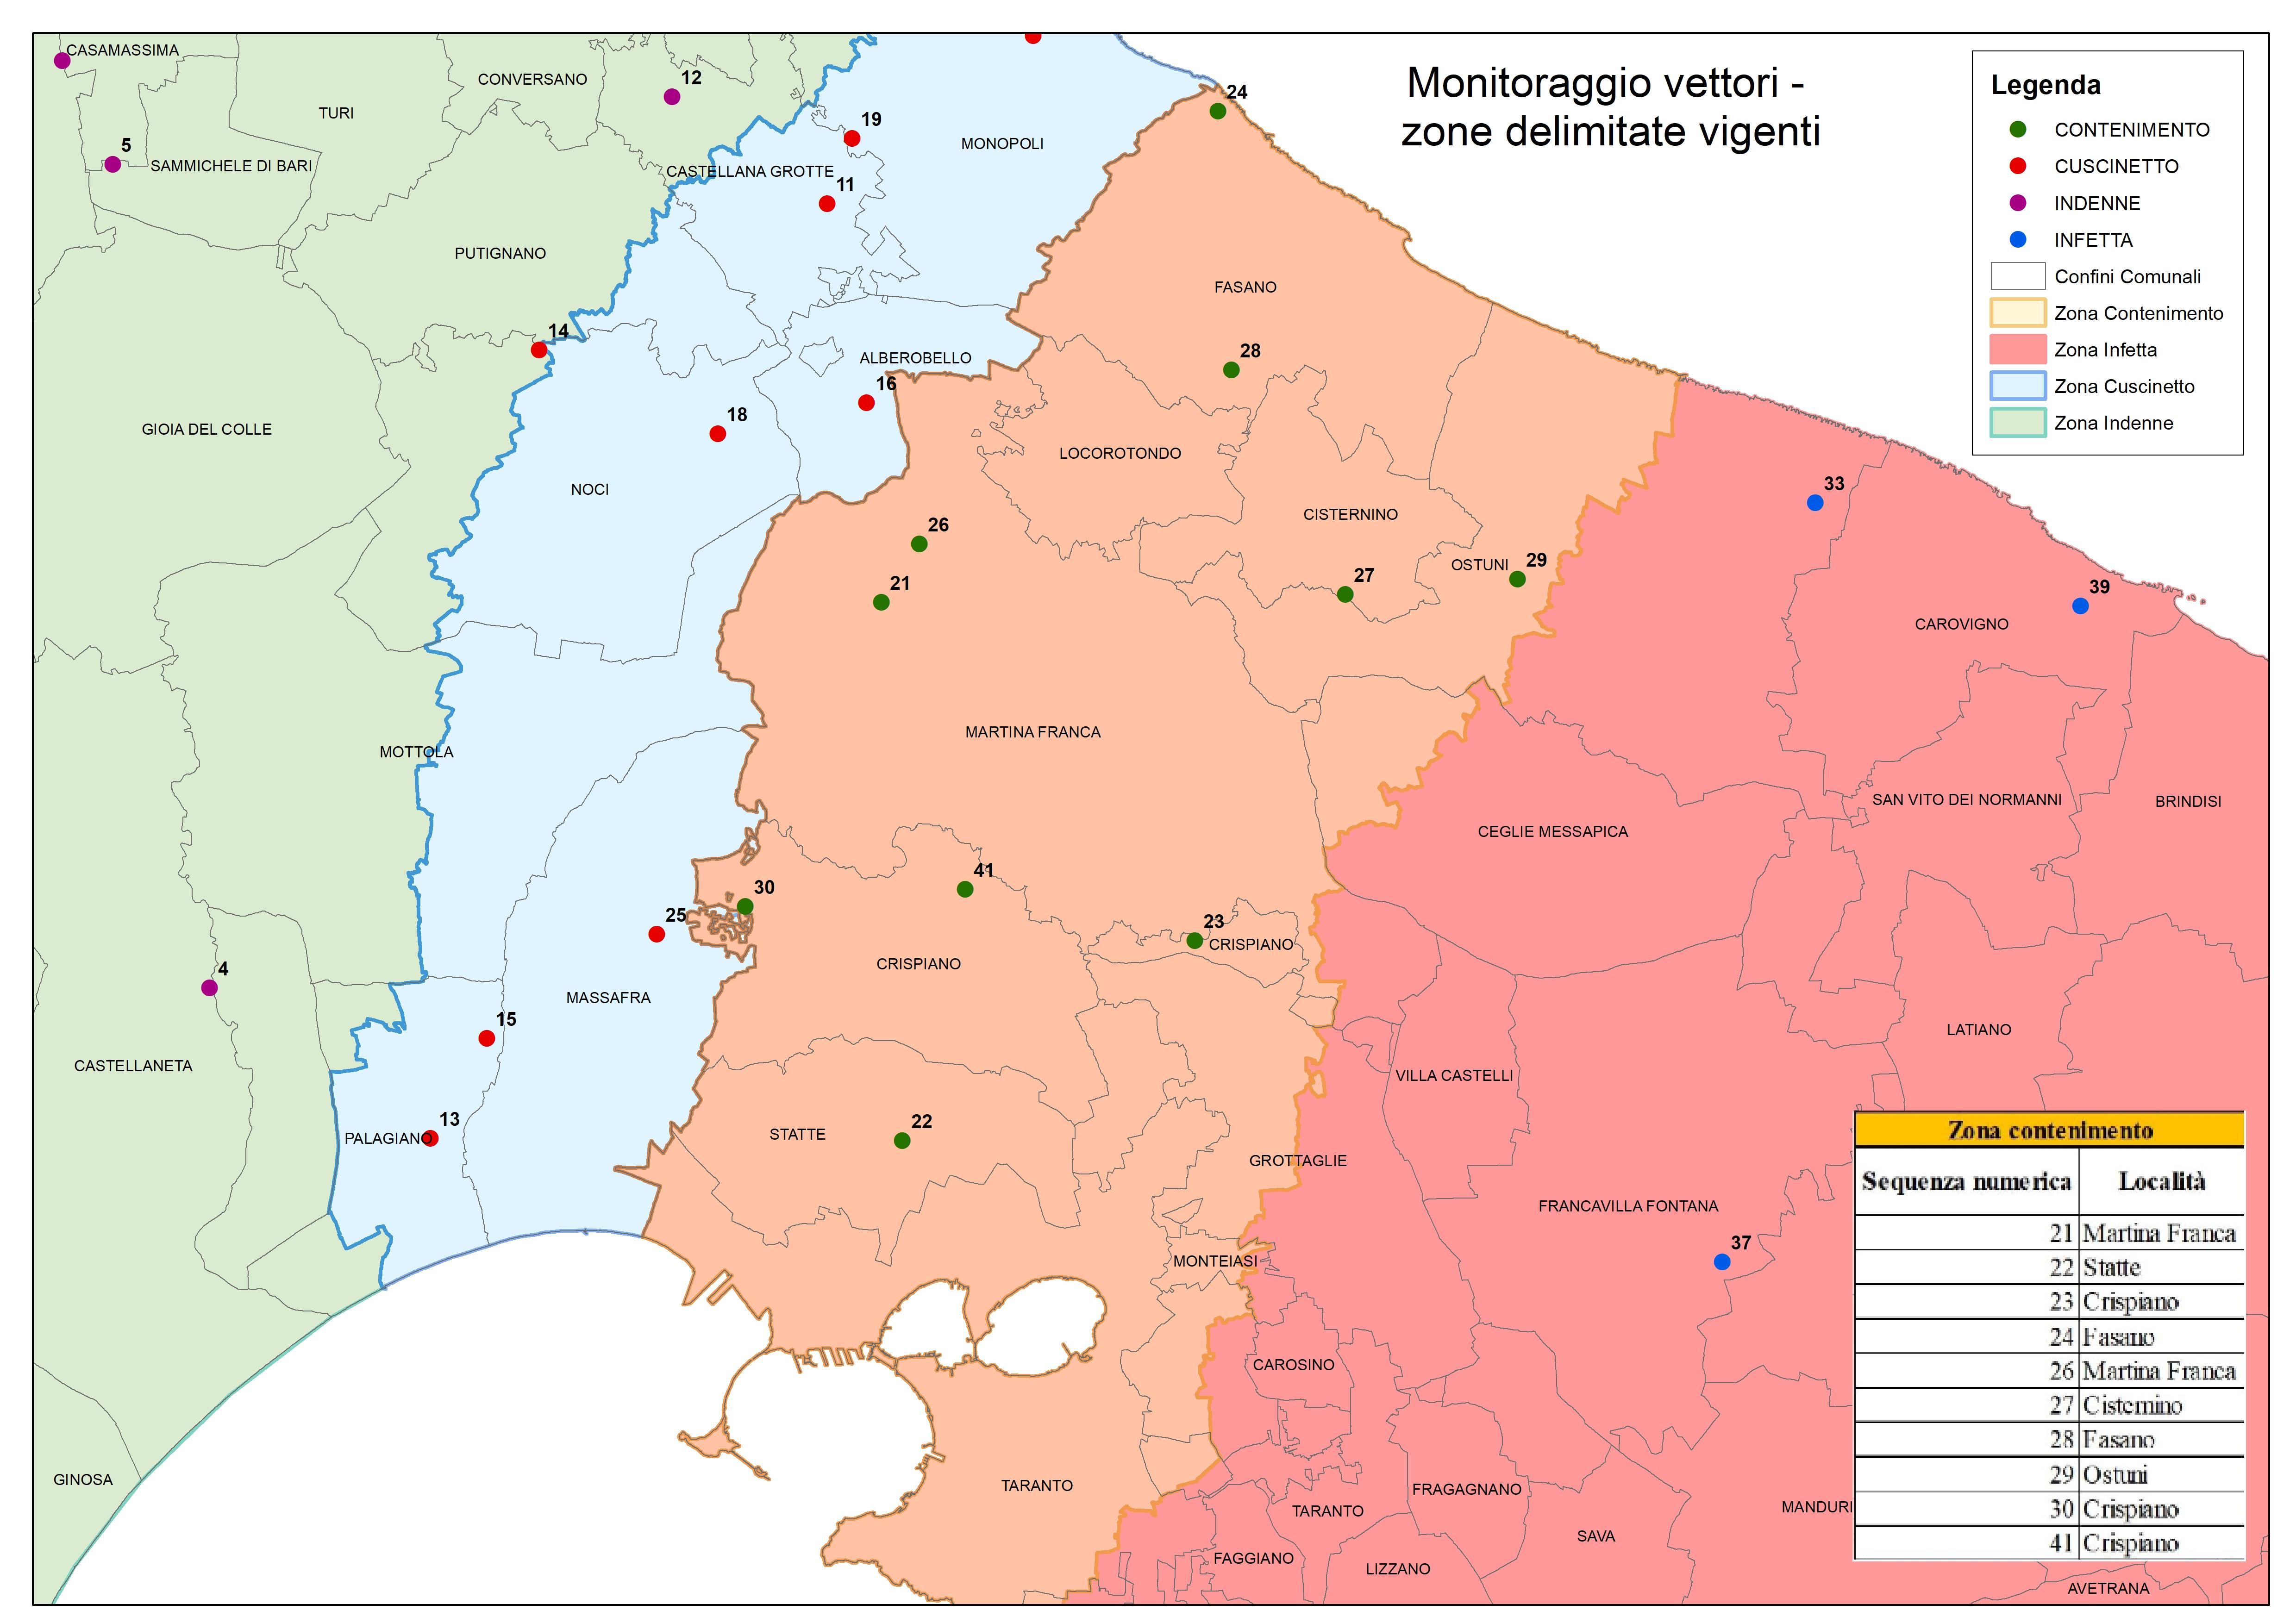 Mappa Xylella Puglia.Emergenza Xylella Sito Ufficiale Regione Puglia